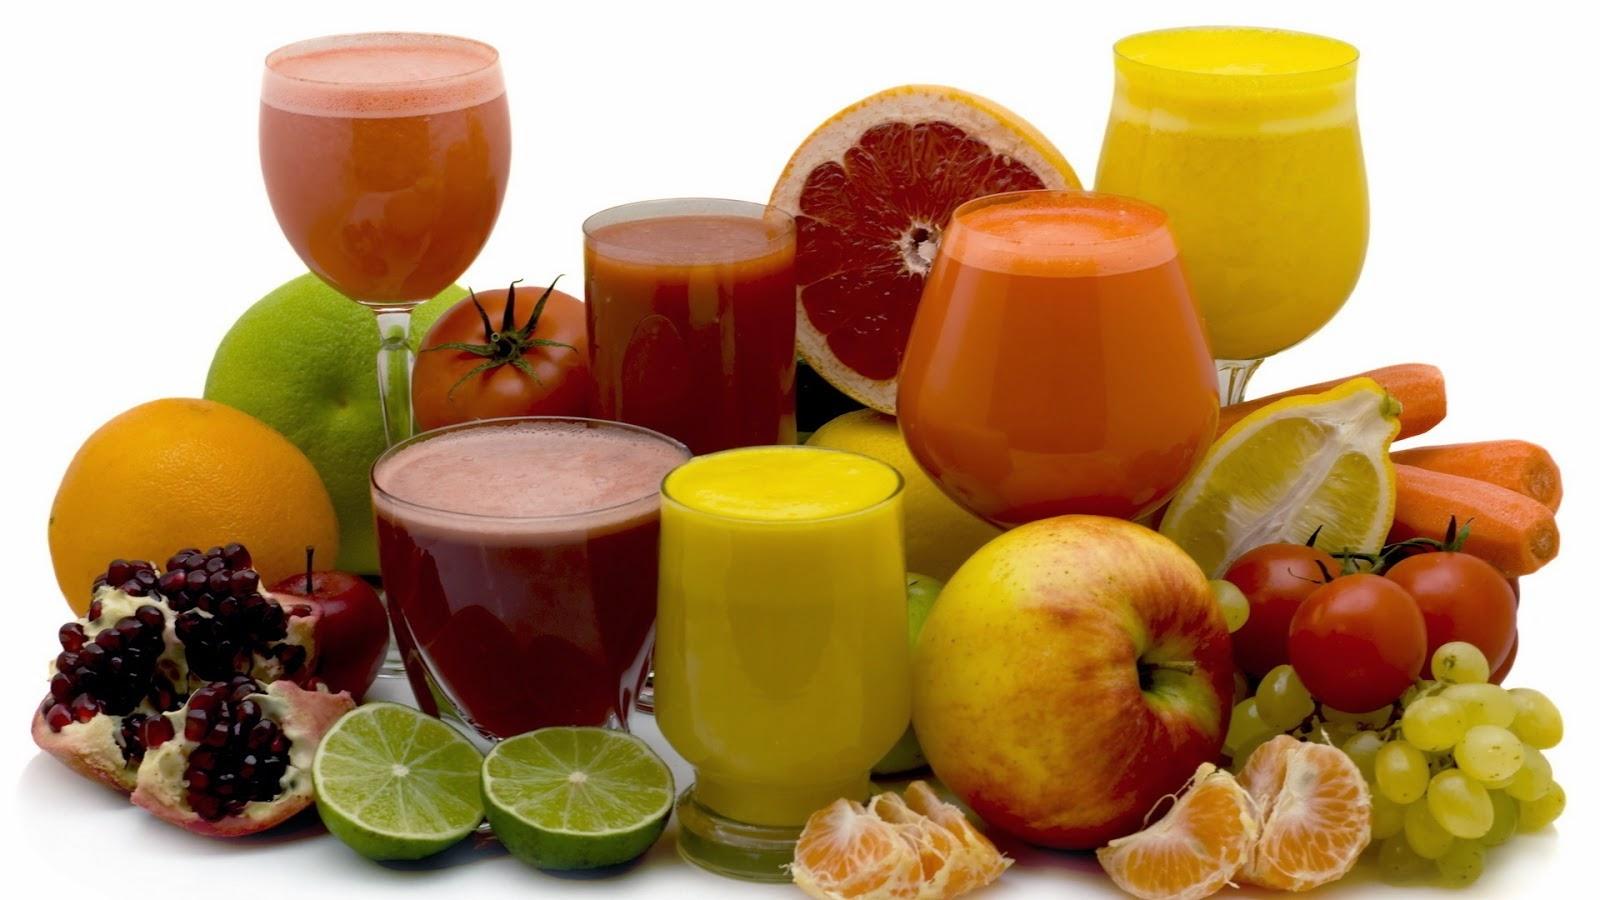 La miel y el jugo del limón para el adelgazamiento la receta